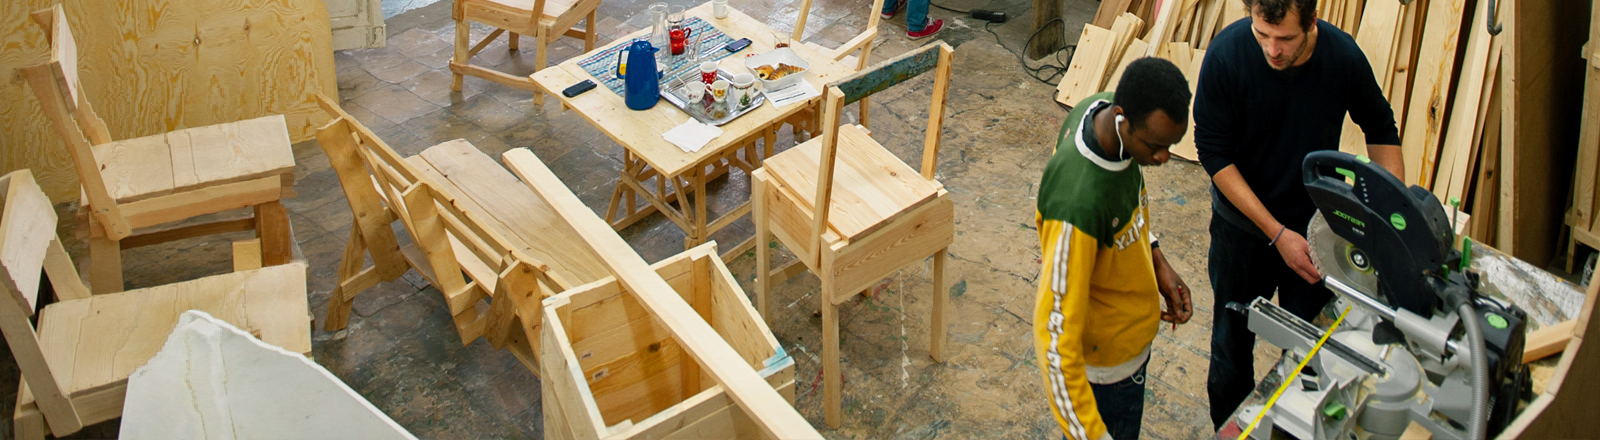 Zwei Männer arbeiten in einer Werkstatt.